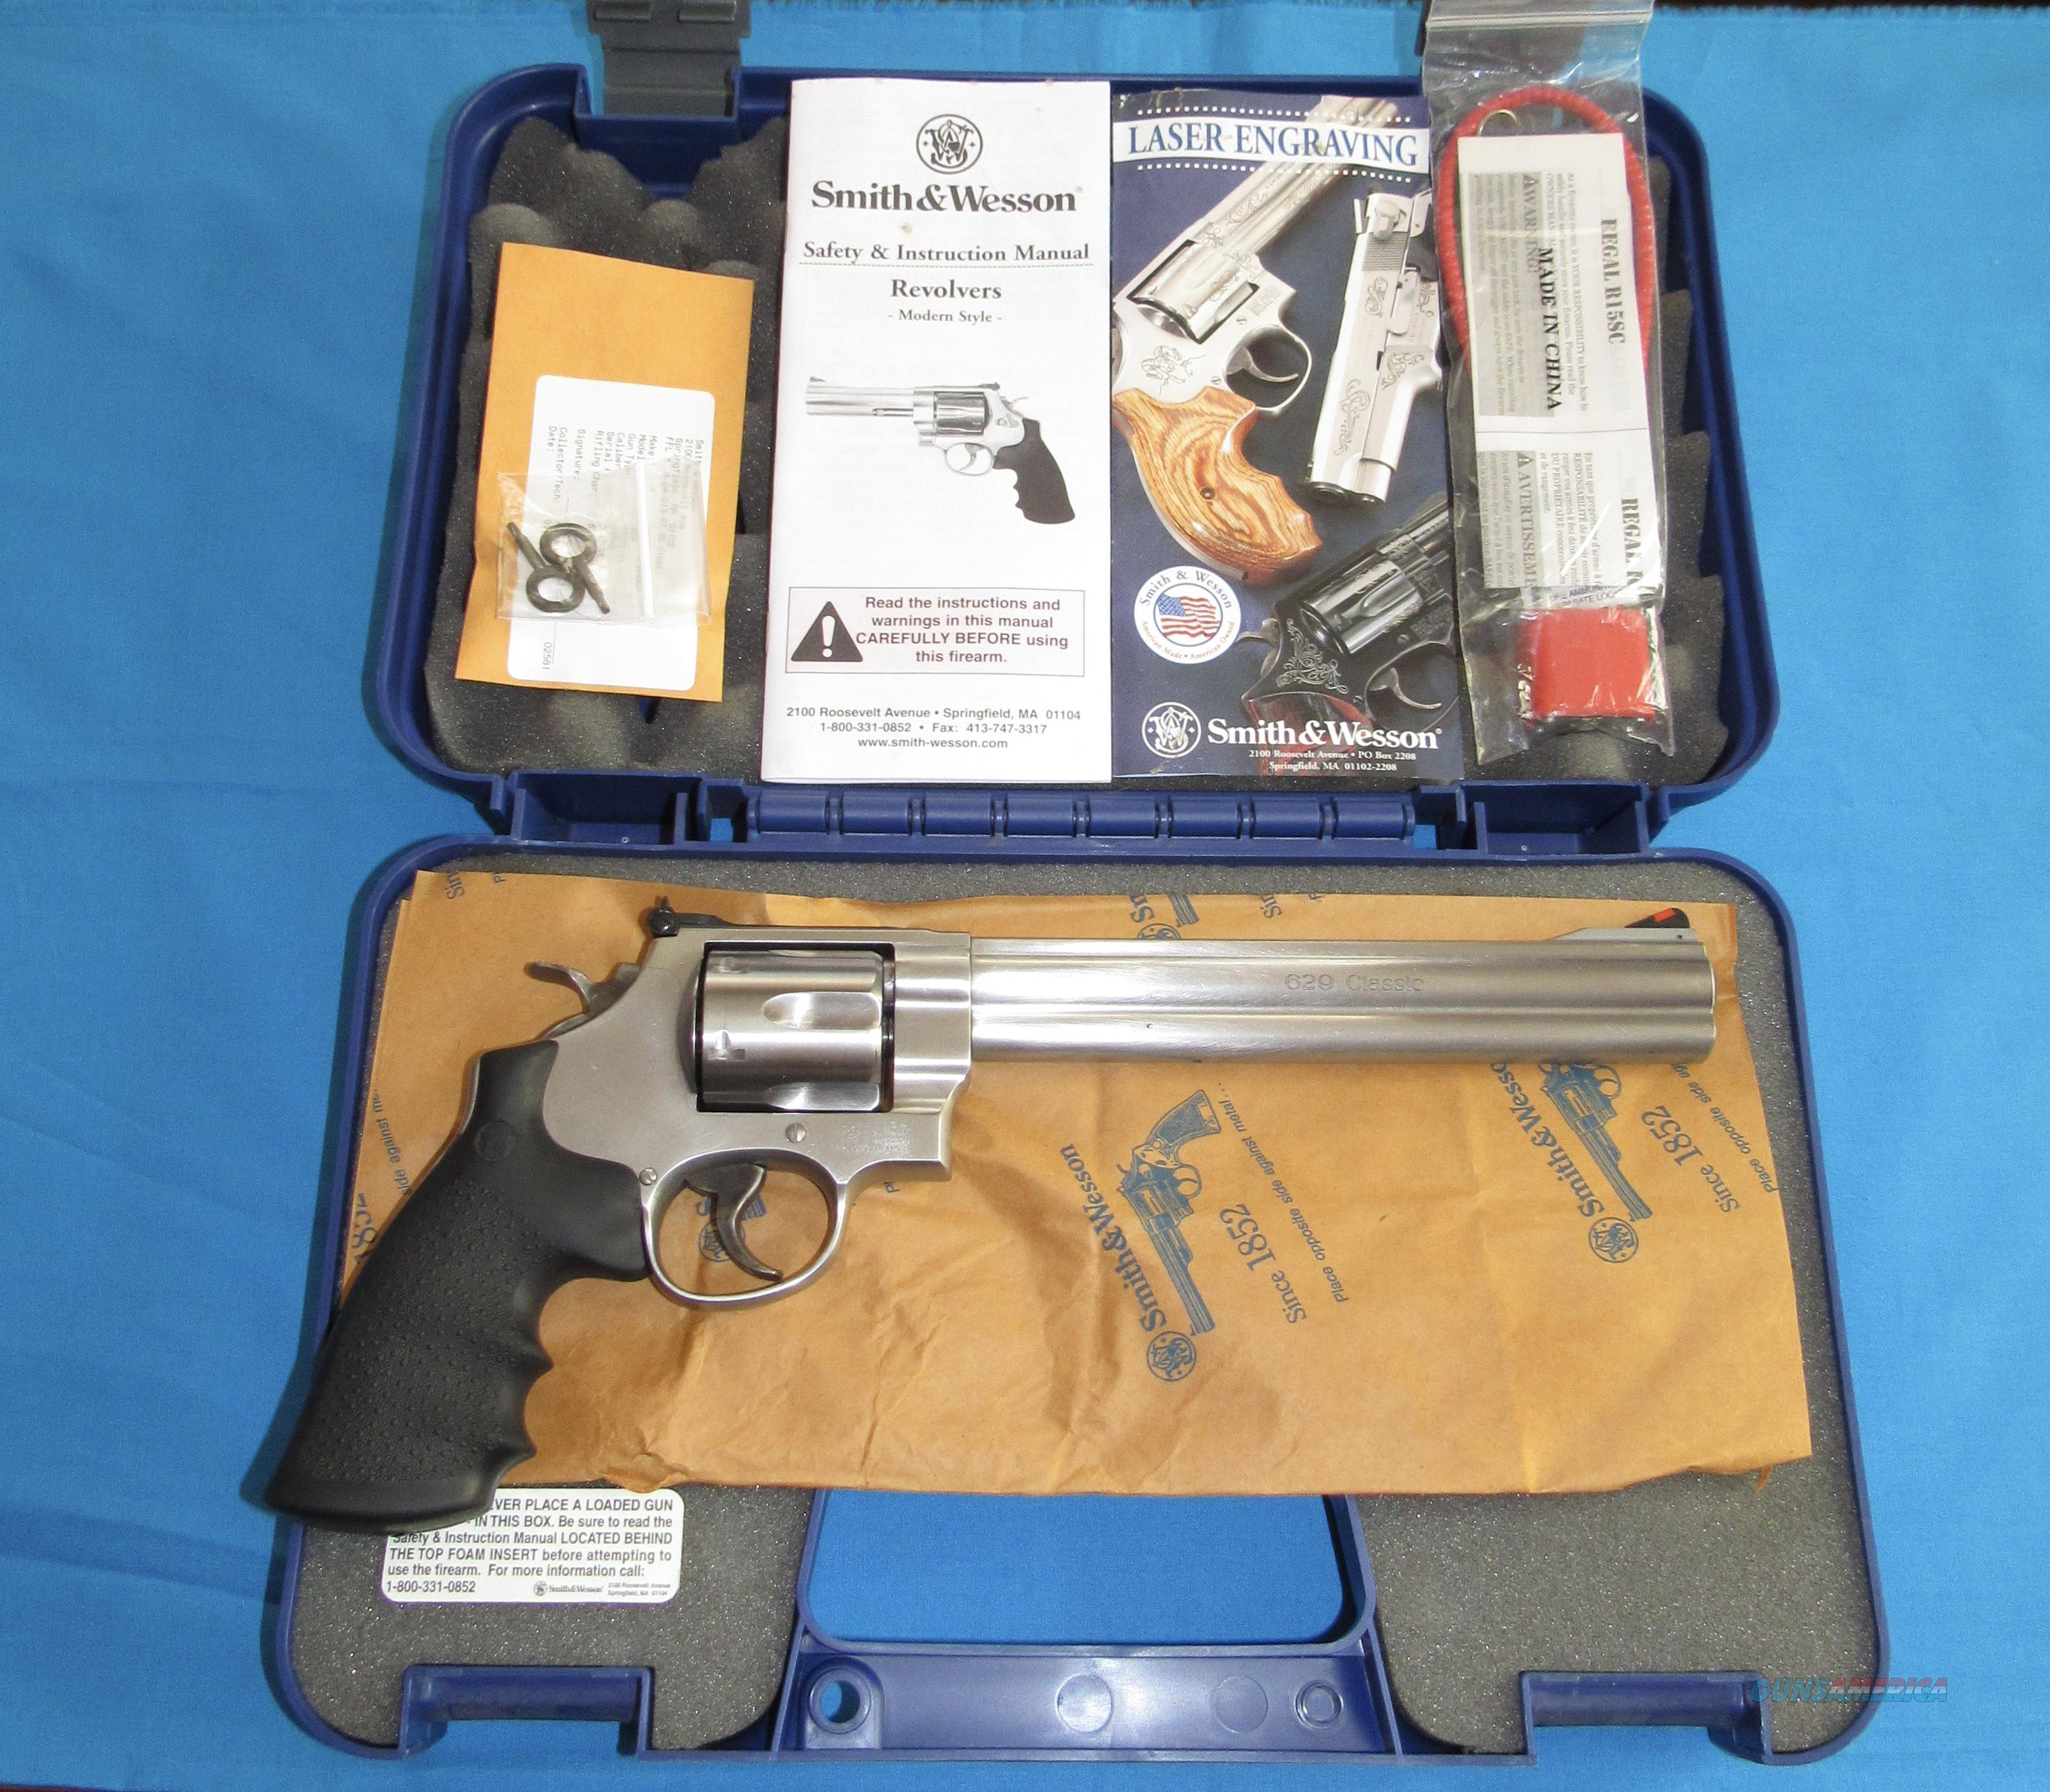 """SMITH & WESSON MODEL 629 CLASSIC 44 MAGNUM REVOLVER W/ 8 3/8"""" BBL  Guns > Pistols > Smith & Wesson Revolvers > Model 629"""